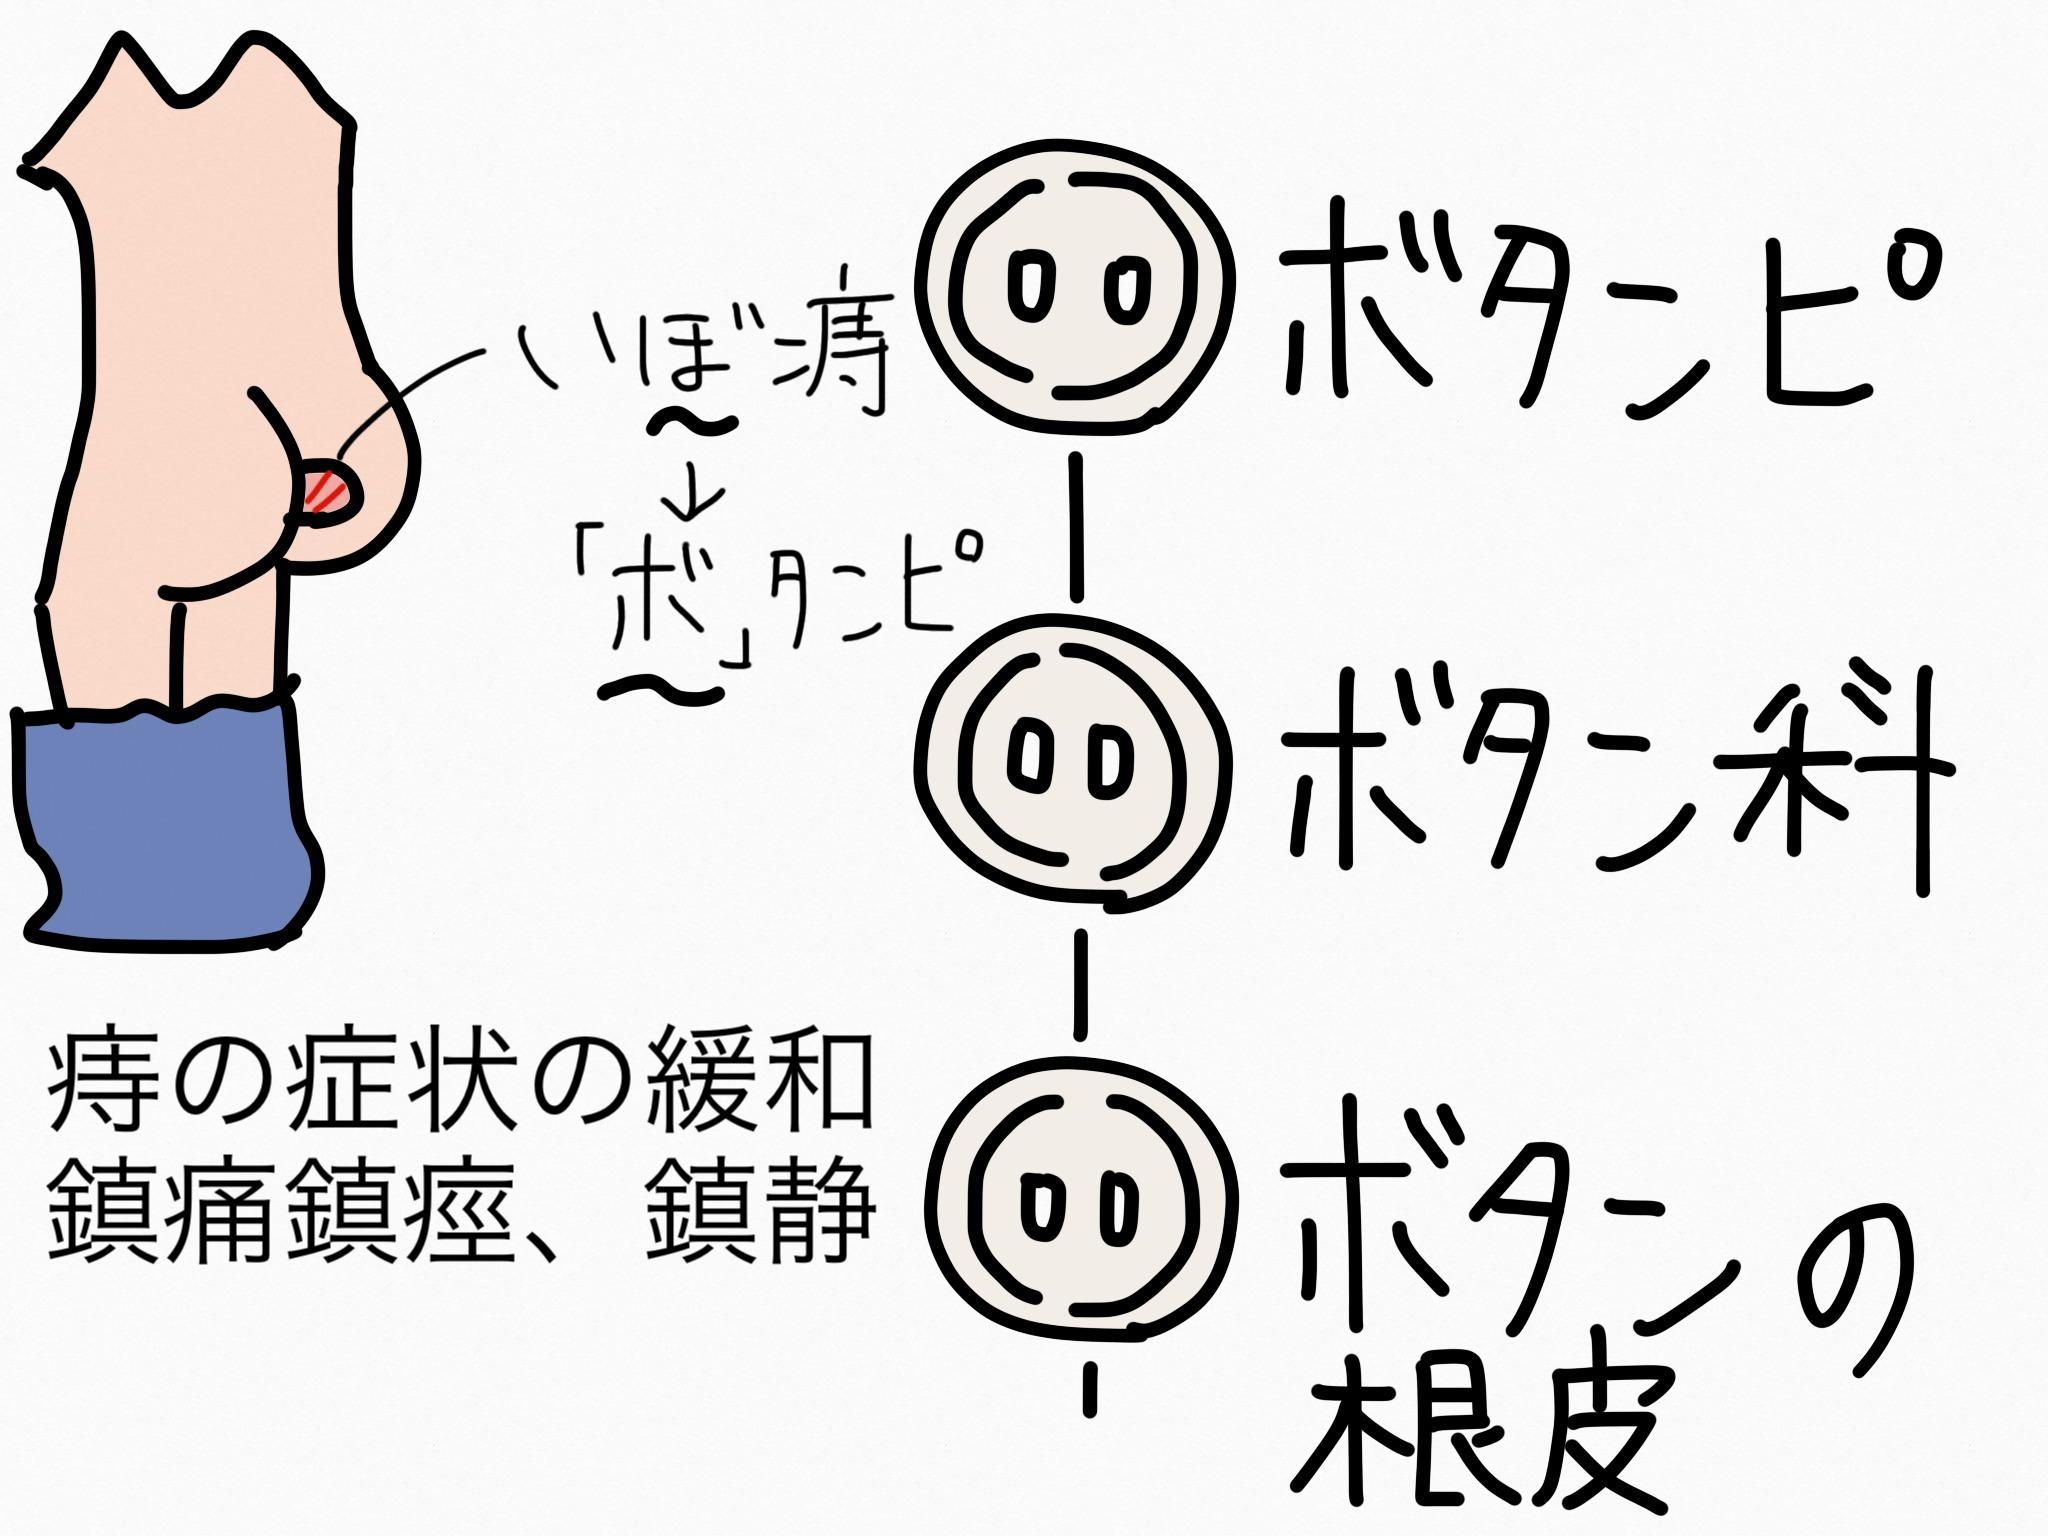 ボタンピ[解熱鎮痛薬他]【生薬の覚え方・暗記方法】